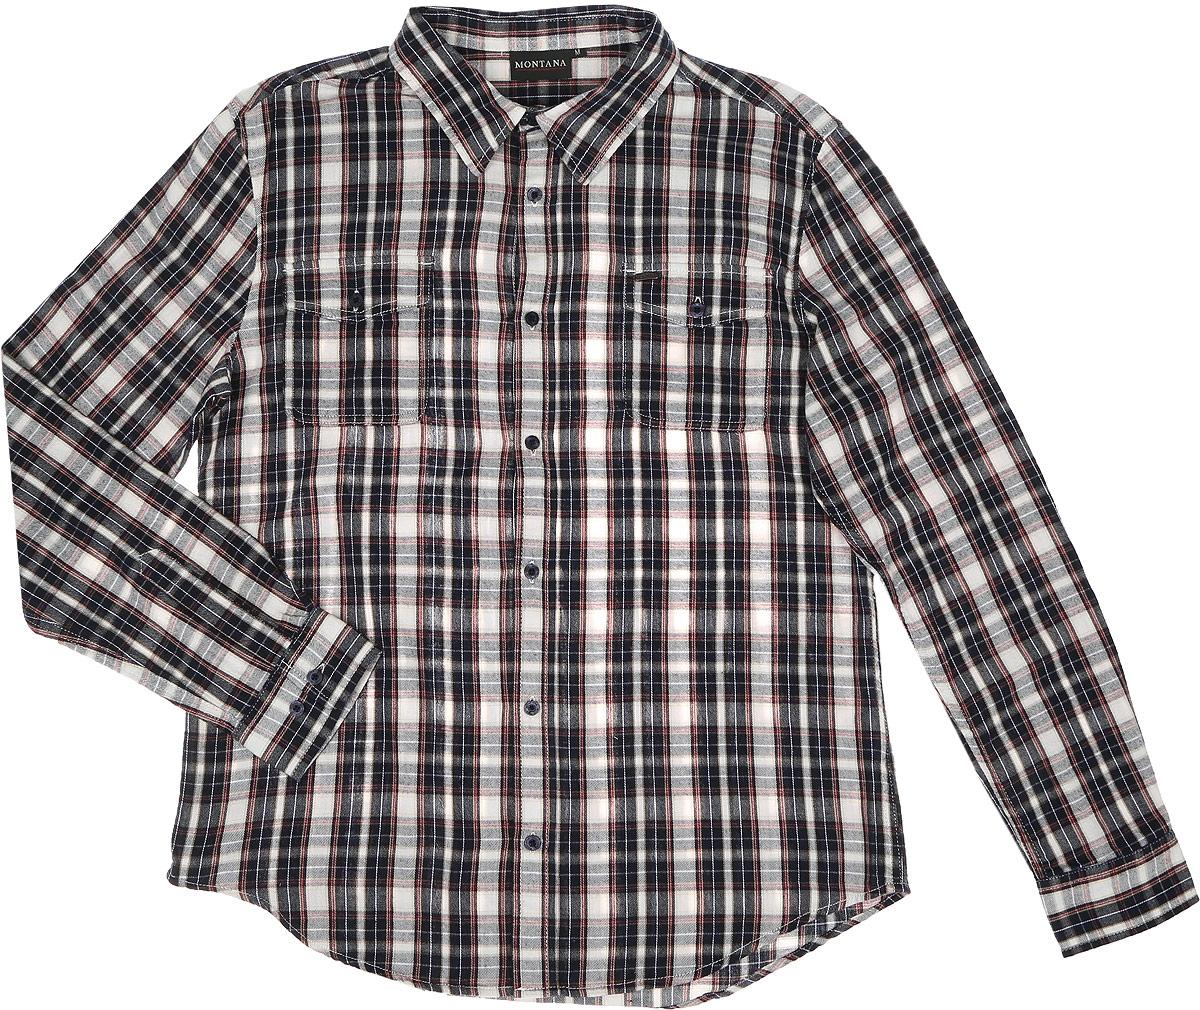 11058_CHECKСтильная мужская рубашка Montana, выполненная из натурального хлопка, позволяет коже дышать, тем самым обеспечивая наибольший комфорт при носке. Модель классического кроя с отложным воротником и длинными рукавами застегивается на пуговицы по всей длине. Манжеты рукавов дополнены застежками-пуговицами. Модель дополнена на груди двумя накладными карманами с клапанами на пуговицах.